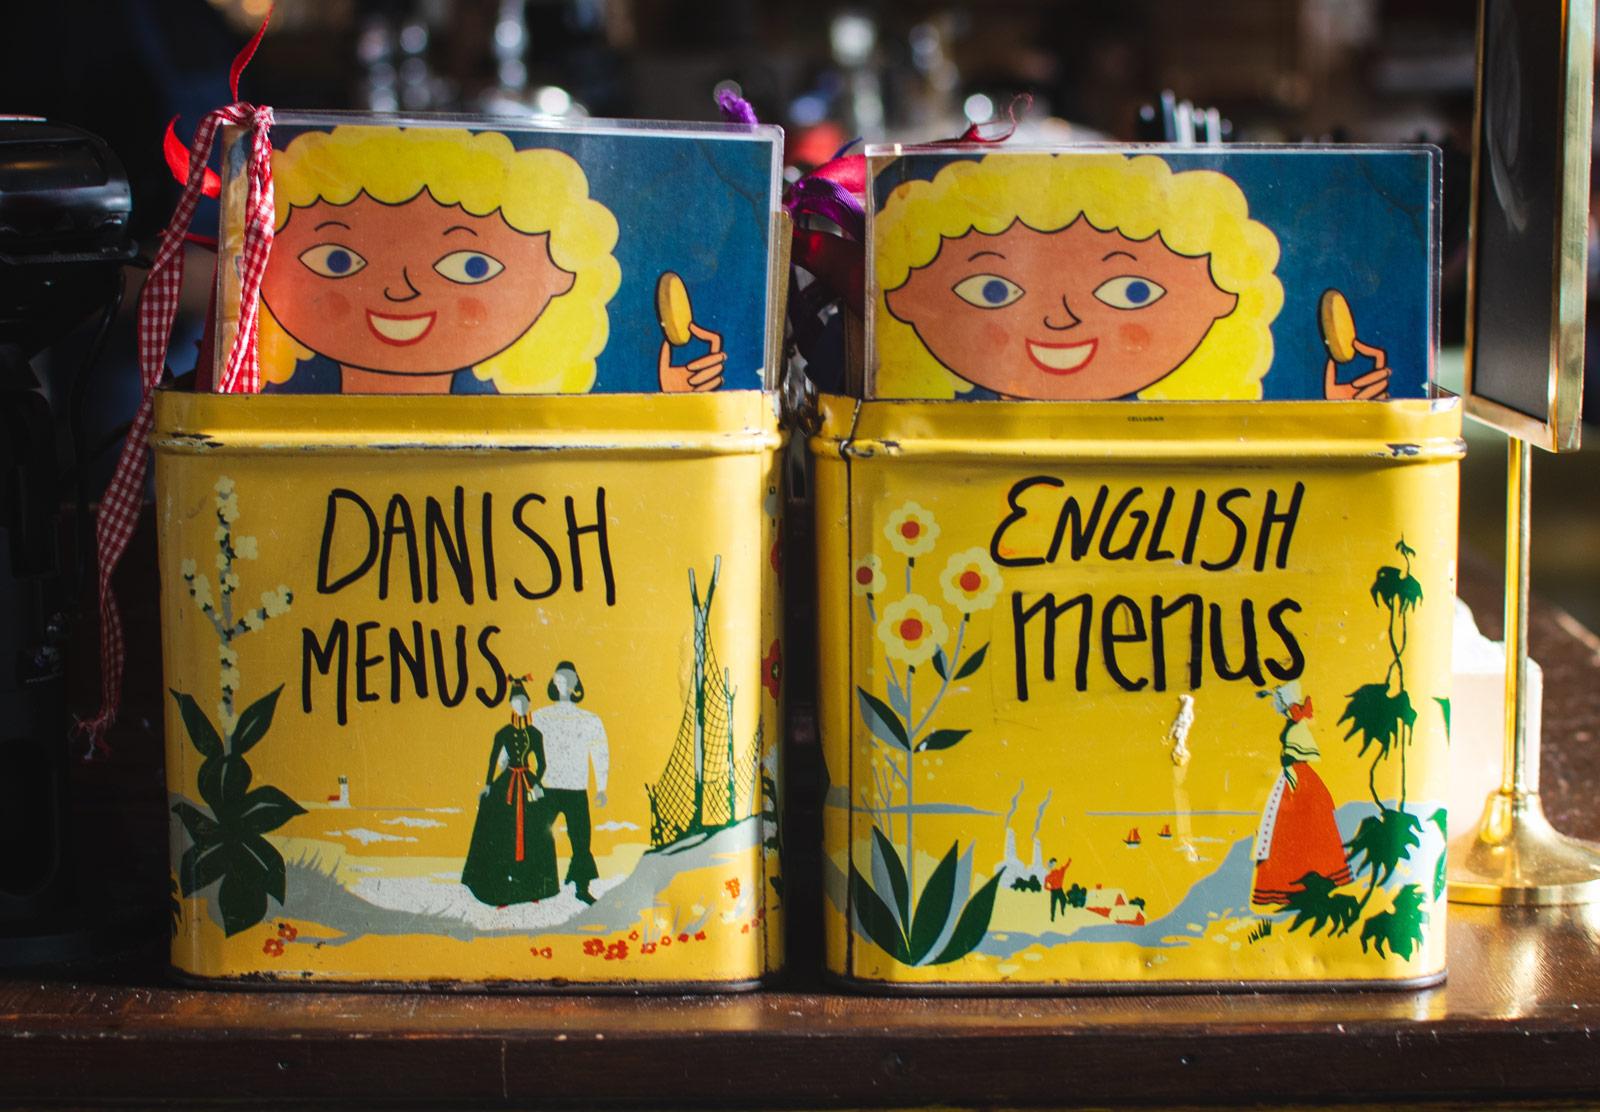 Menus in tins